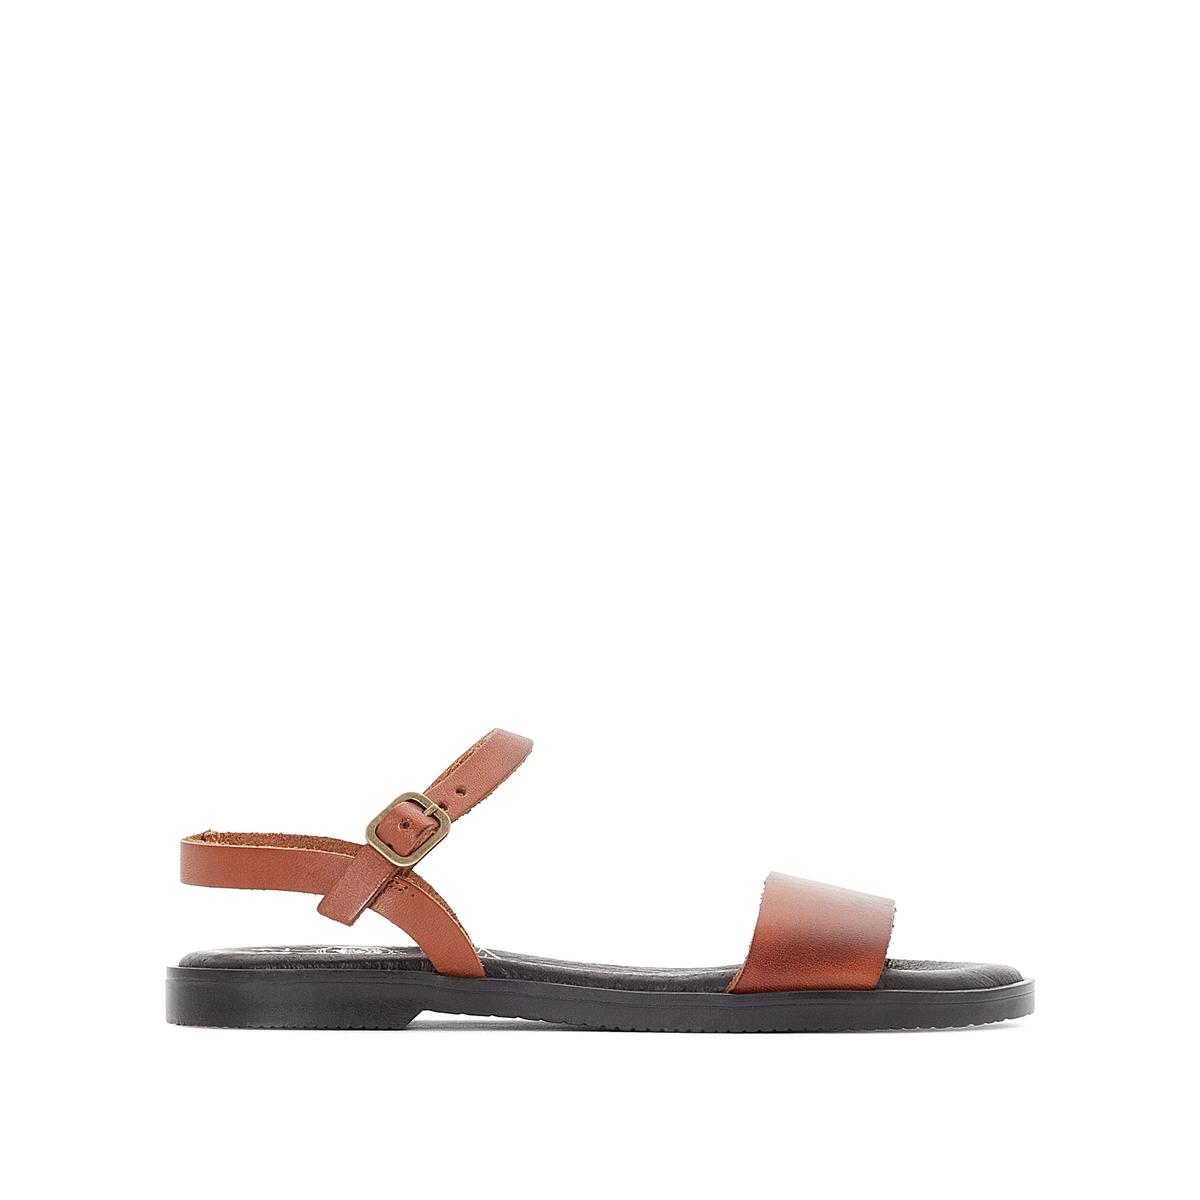 Сандалии синтетические AlinaОписание:Детали •  Плоский каблук •  Высота каблука : 1 см •  Застежка : ремешок/пряжка •  Открытый мысок •  Гладкая отделкаСостав и уход •  Верх/Голенище : 100% телячья кожа •  Подкладка : 100% кожа •  Стелька : 100% кожа •  Подошва : 100% синтетический материал<br><br>Цвет: каштановый